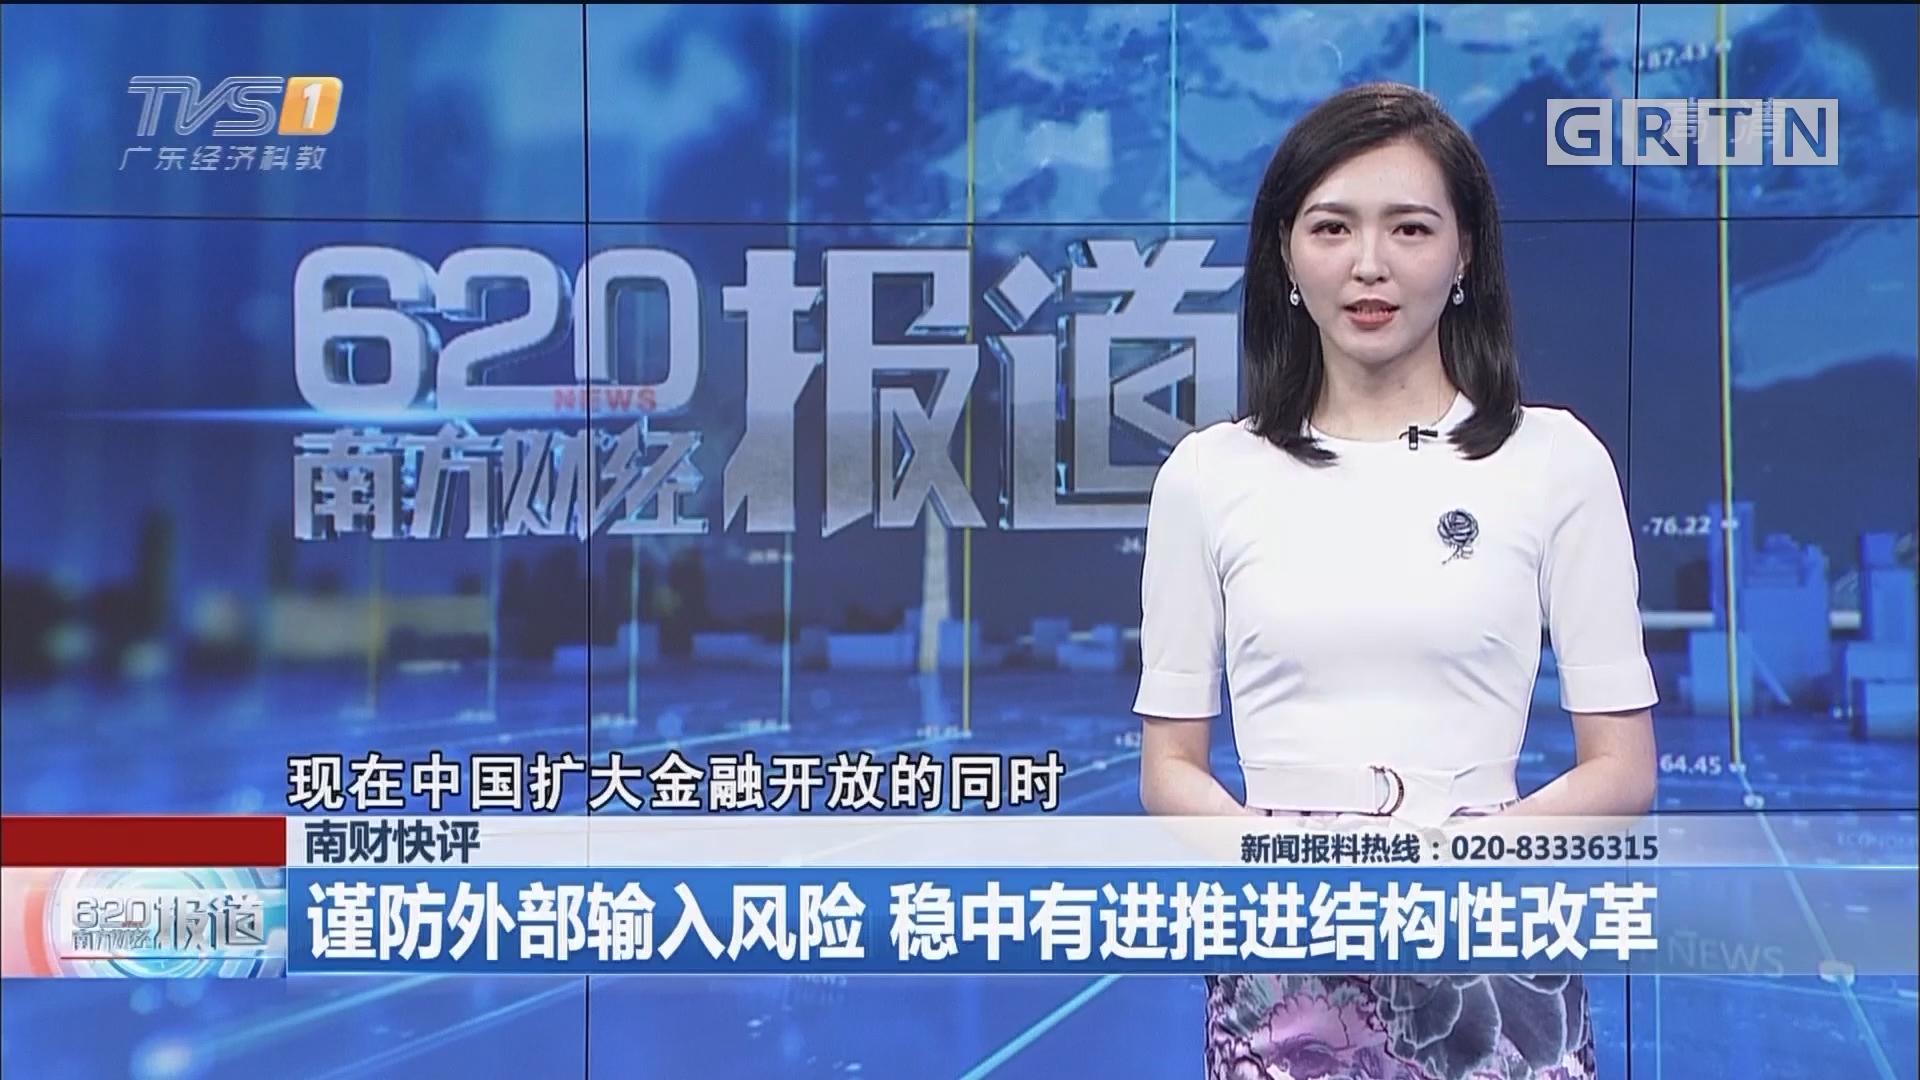 南财快评:谨防外部输入风险 稳中有进推进结构性改革